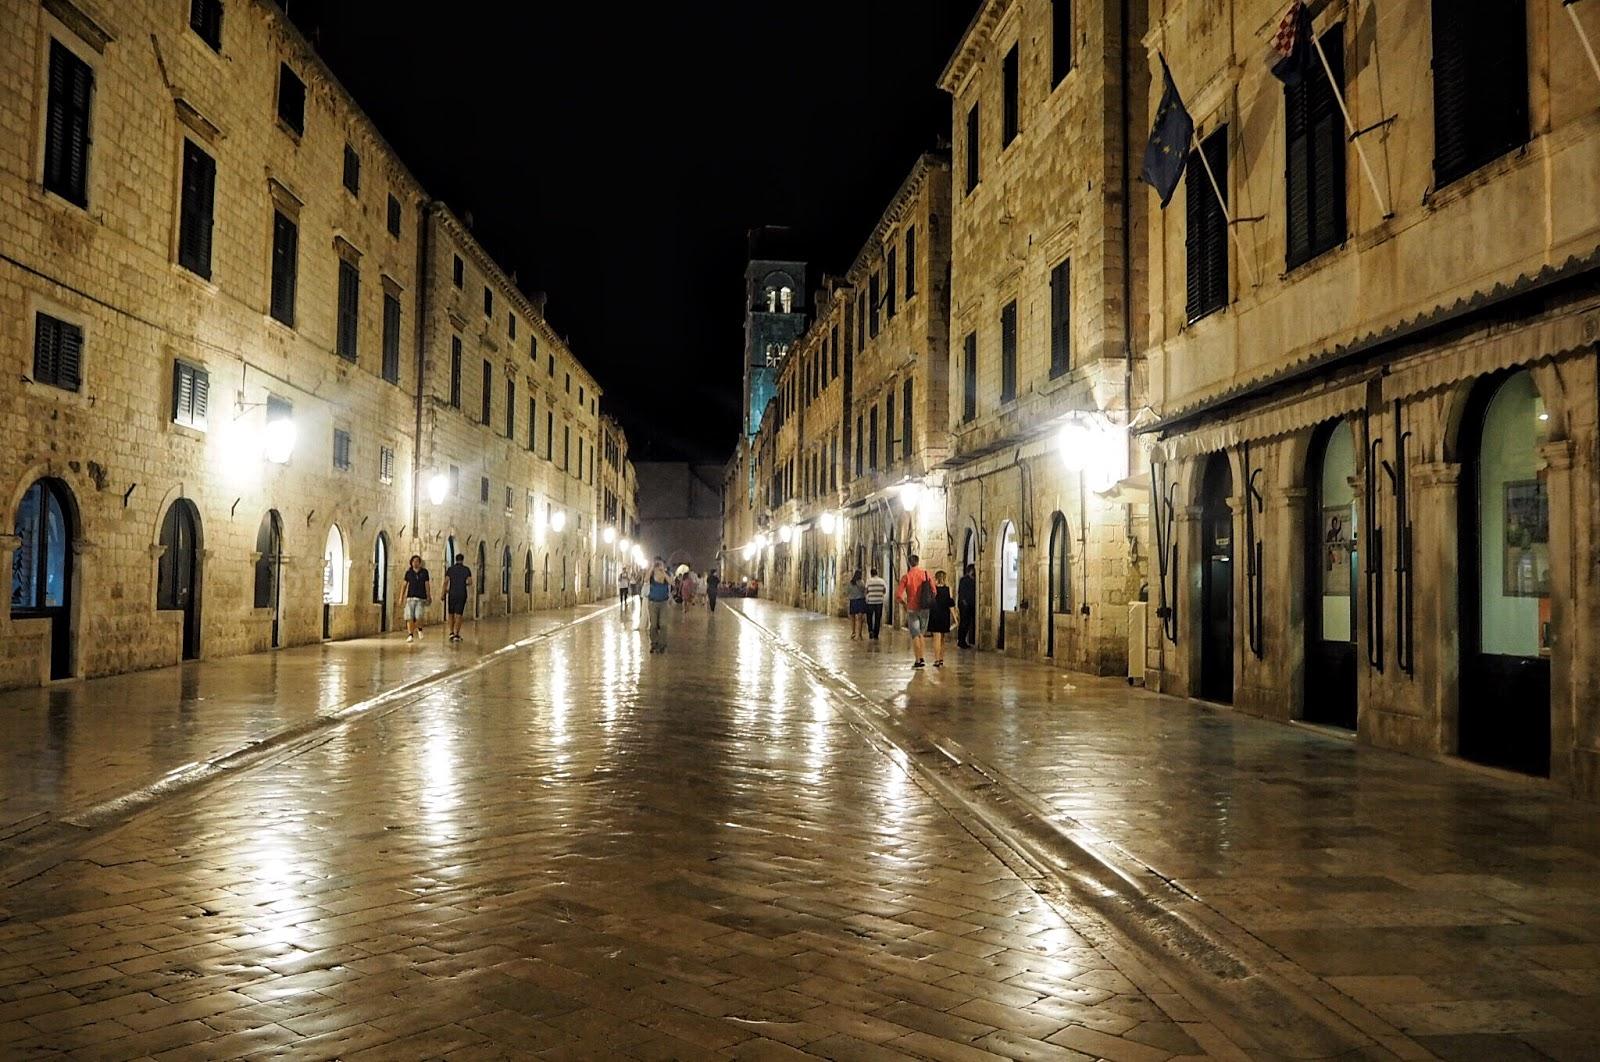 Dubrovnik old city at dusk